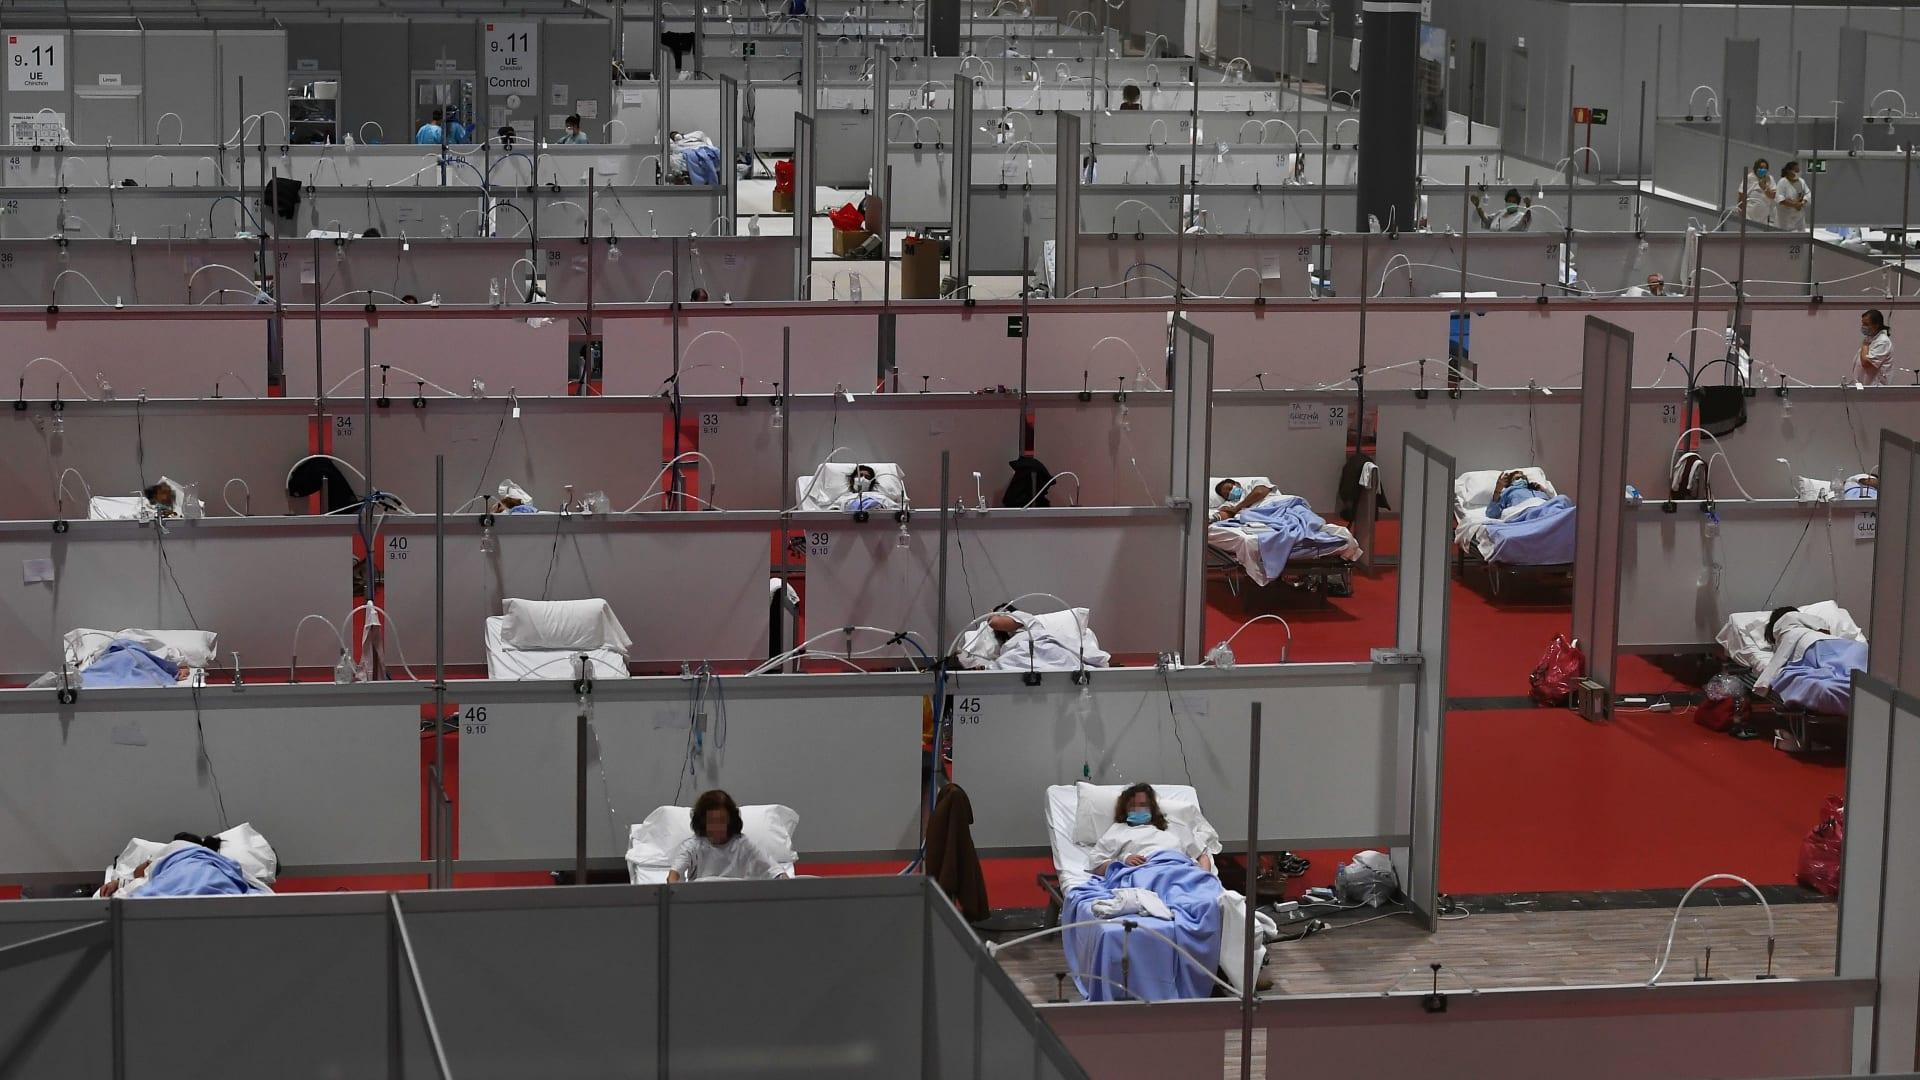 النضال ضد فيروس كورونا في إسبانيا.. طبيب يستخدم معدات غوص لصنع أقنعة طبية